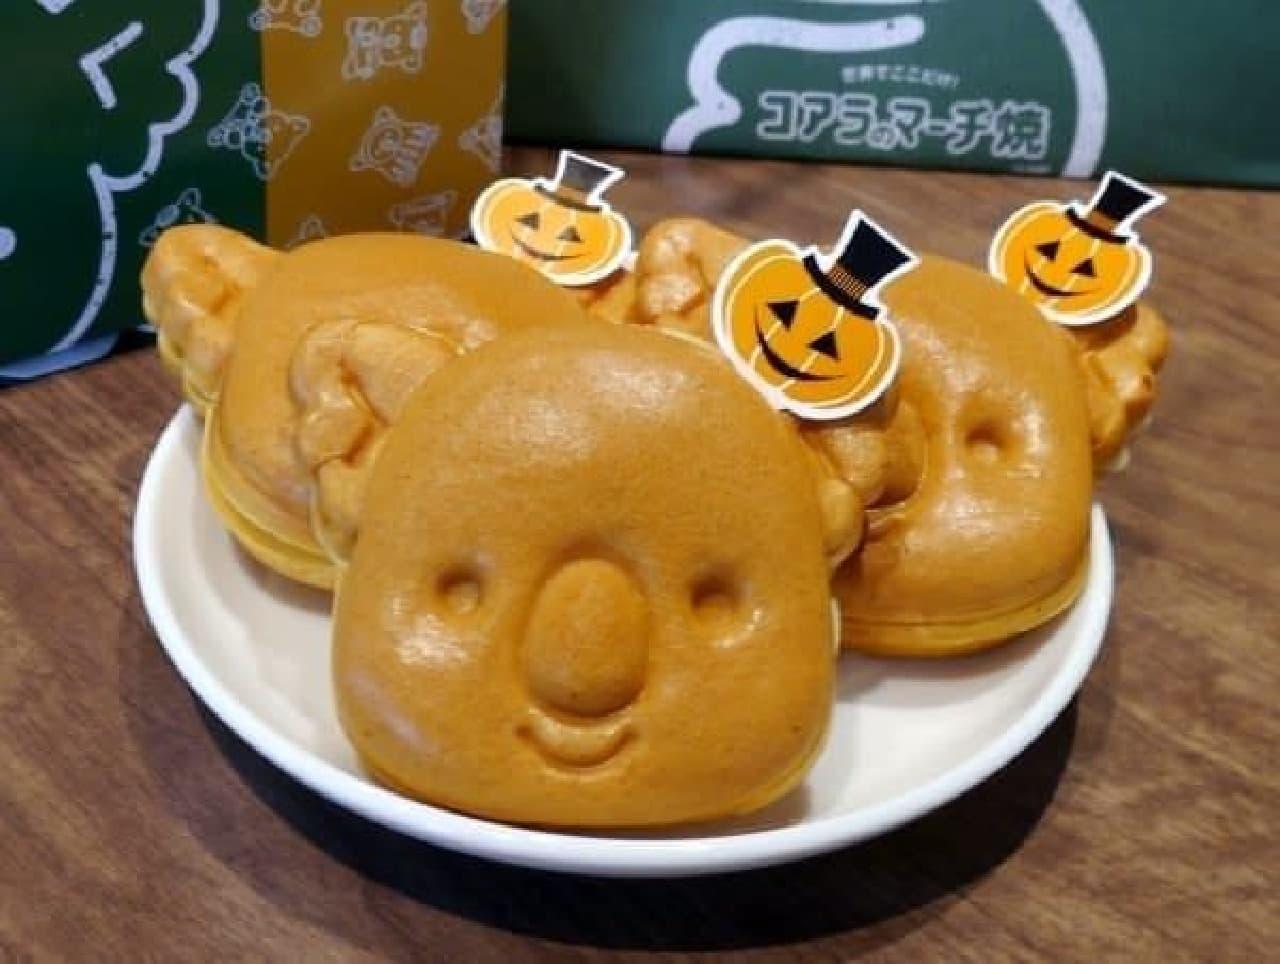 マーチ君にかぼちゃを詰め込んだ期間限定フレーバー!